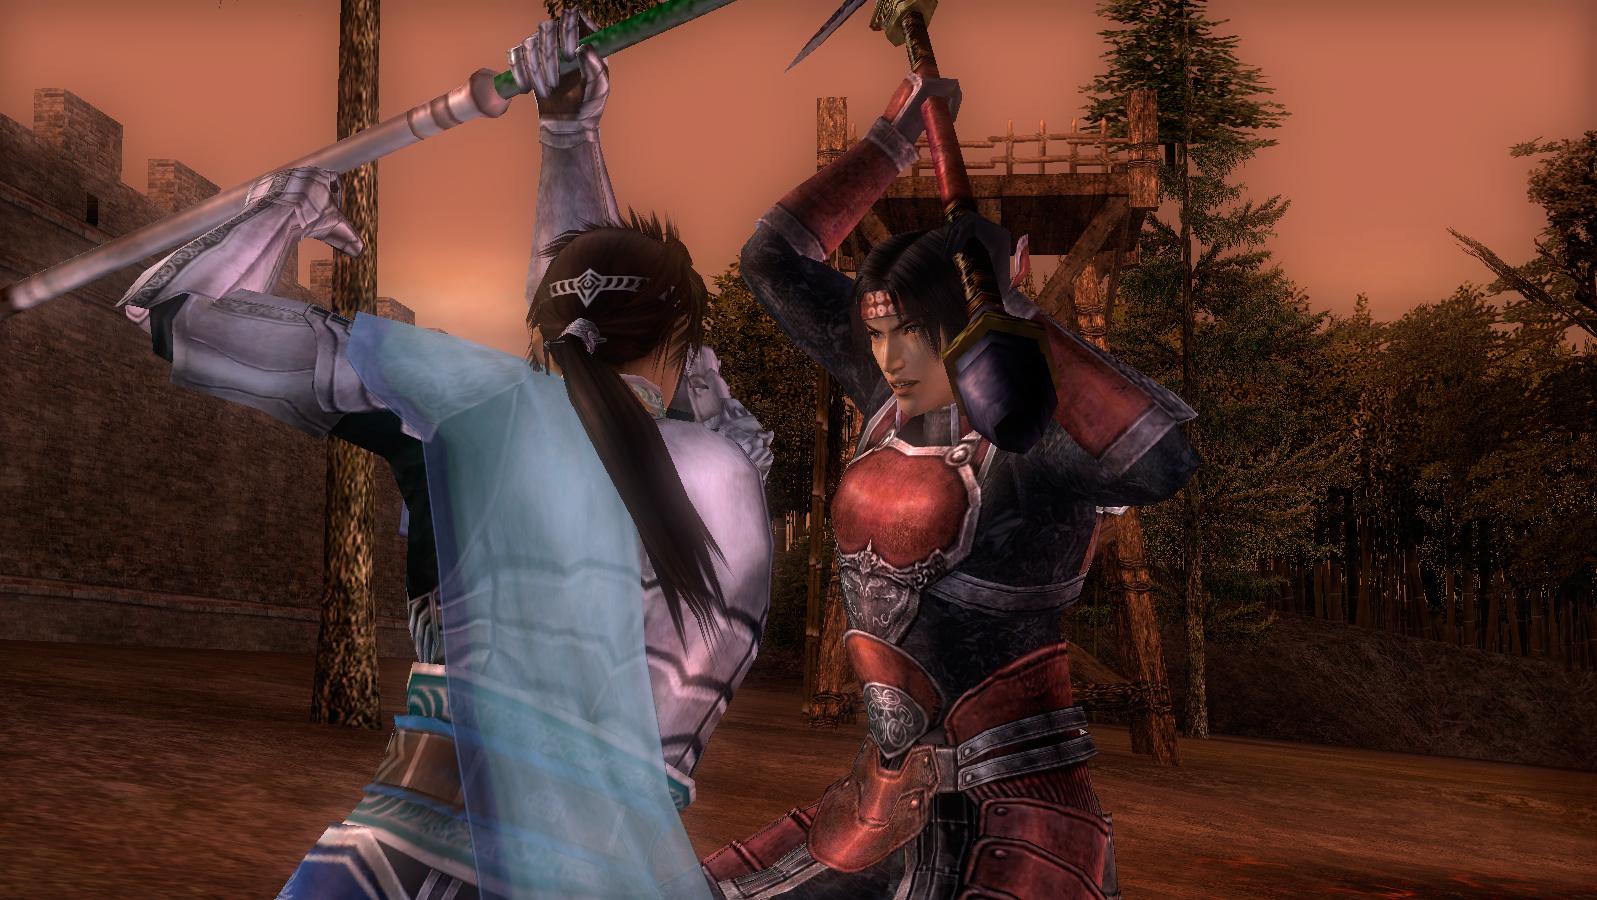 The Samurai Shu Shu